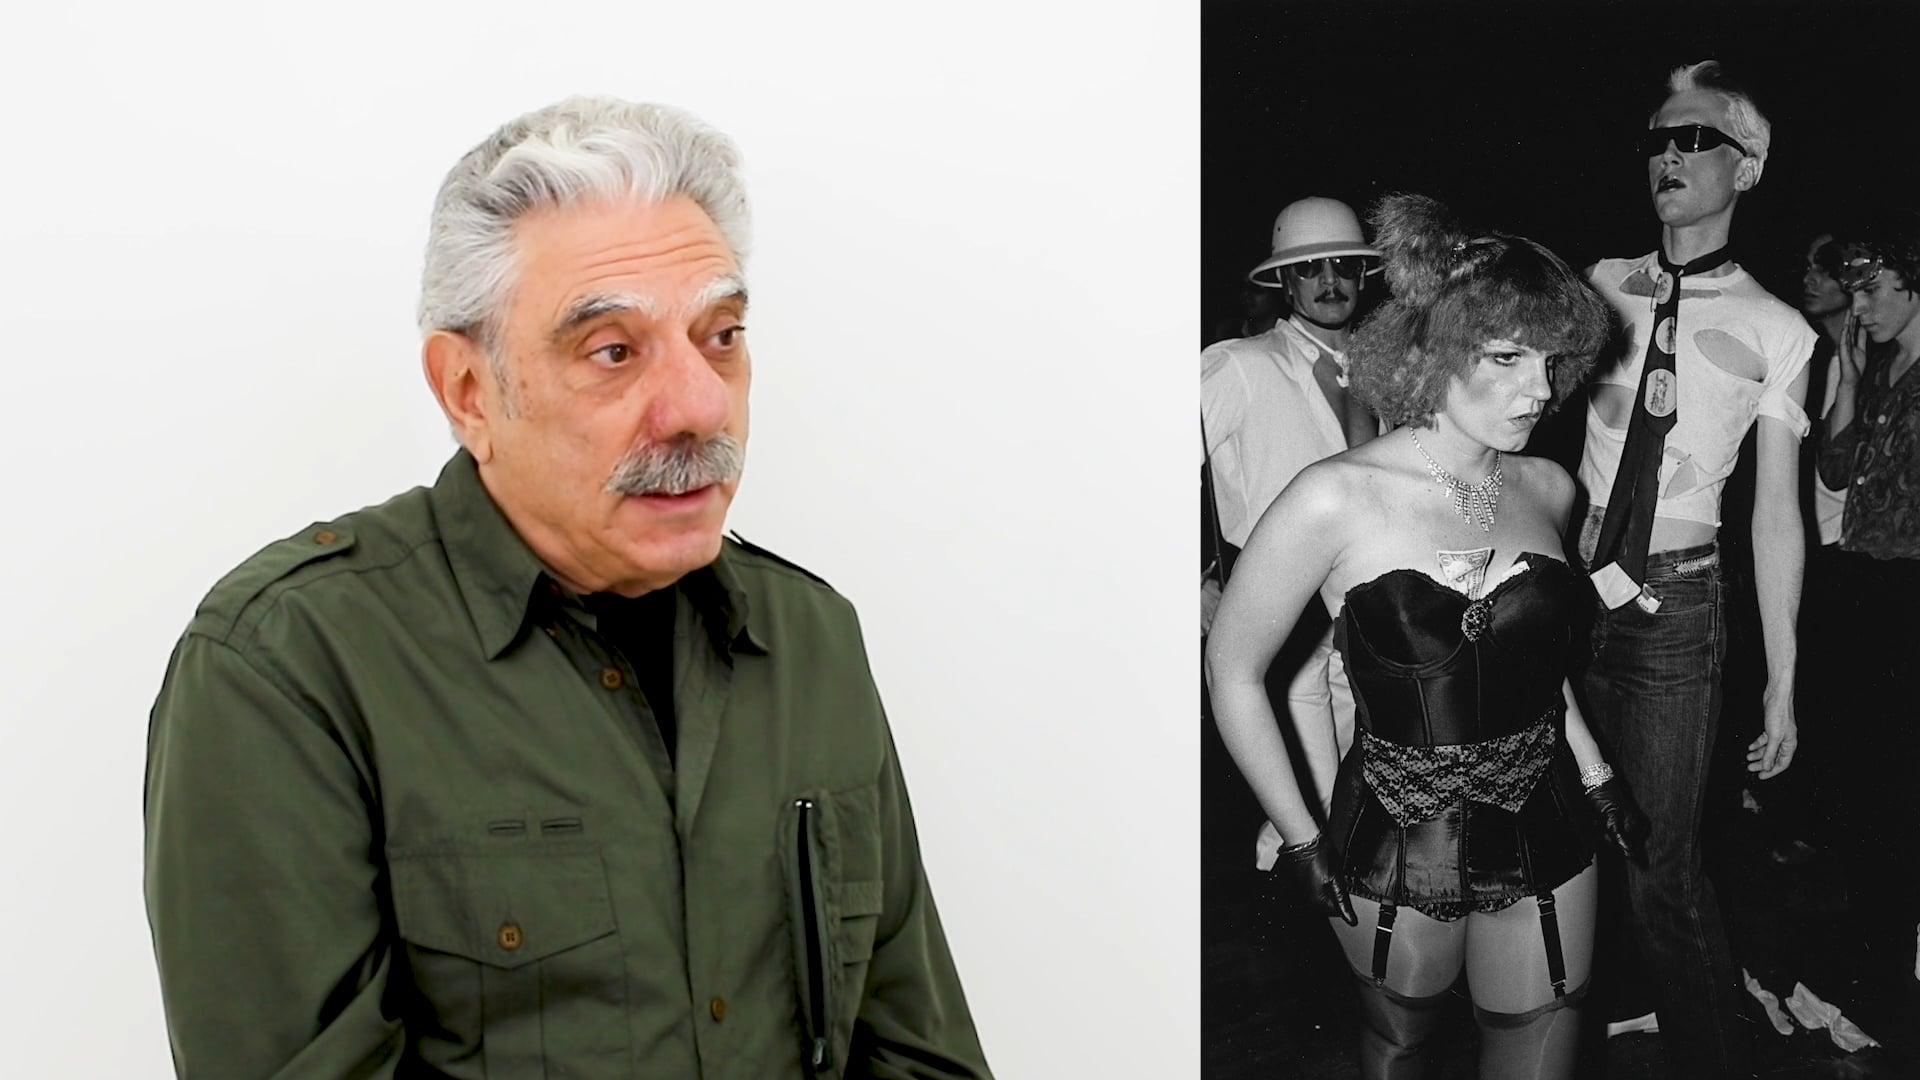 Photographer Allan Tannenbaum discusses Studio 54